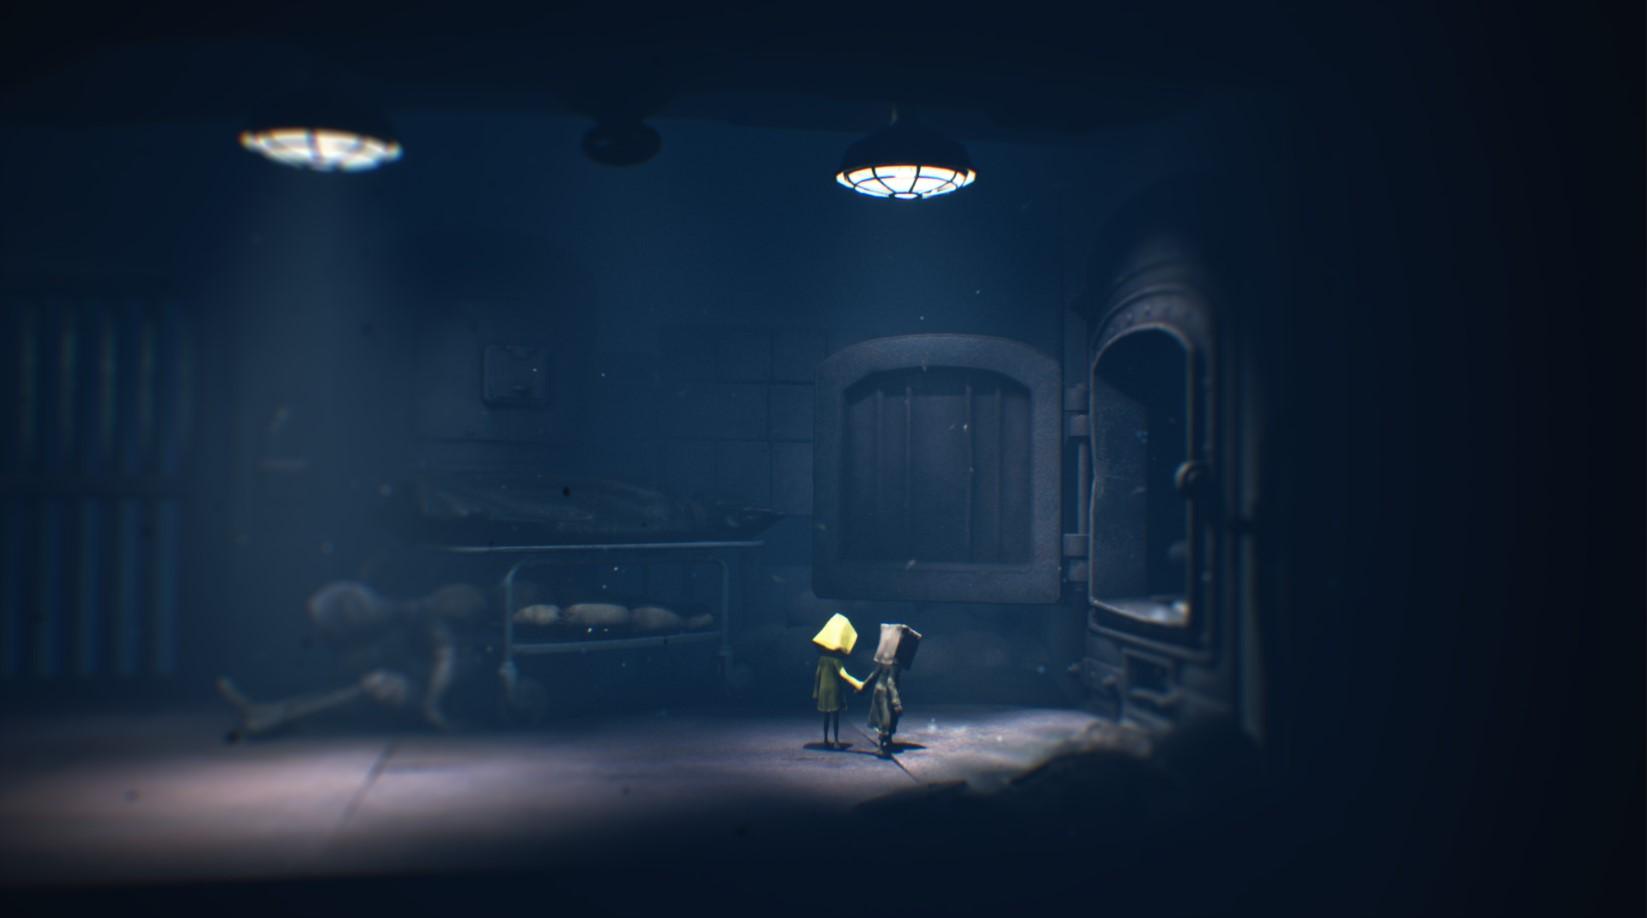 《小小梦魇2》万圣节主题预告 捆绑包公布